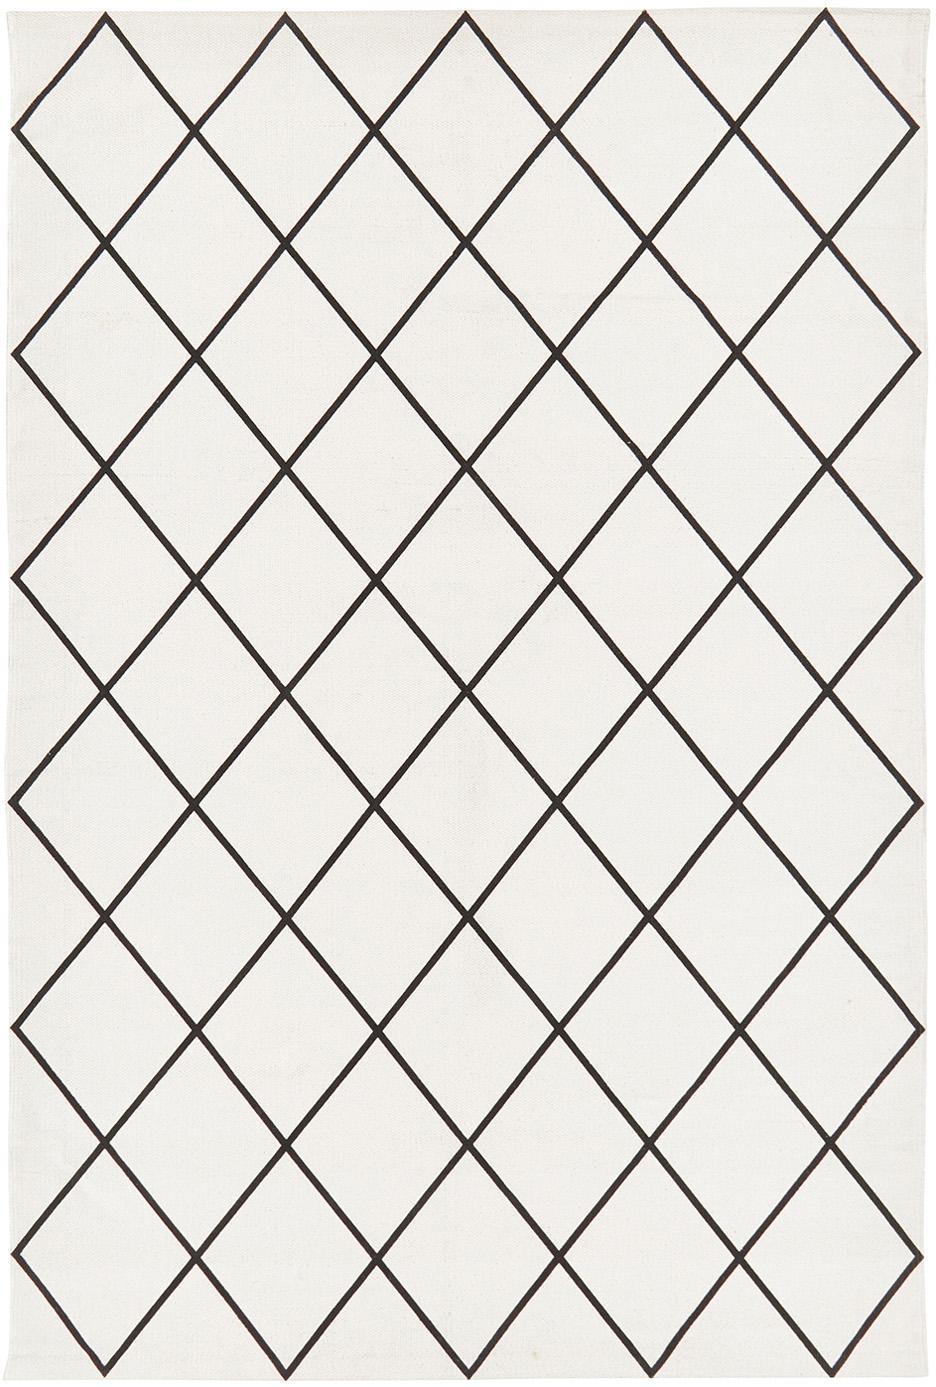 Flachgewebter Baumwollteppich Farah mit Rautenmuster, 100% Baumwolle, Cremeweiß, Schwarz, B 120 x L 180 cm (Größe S)